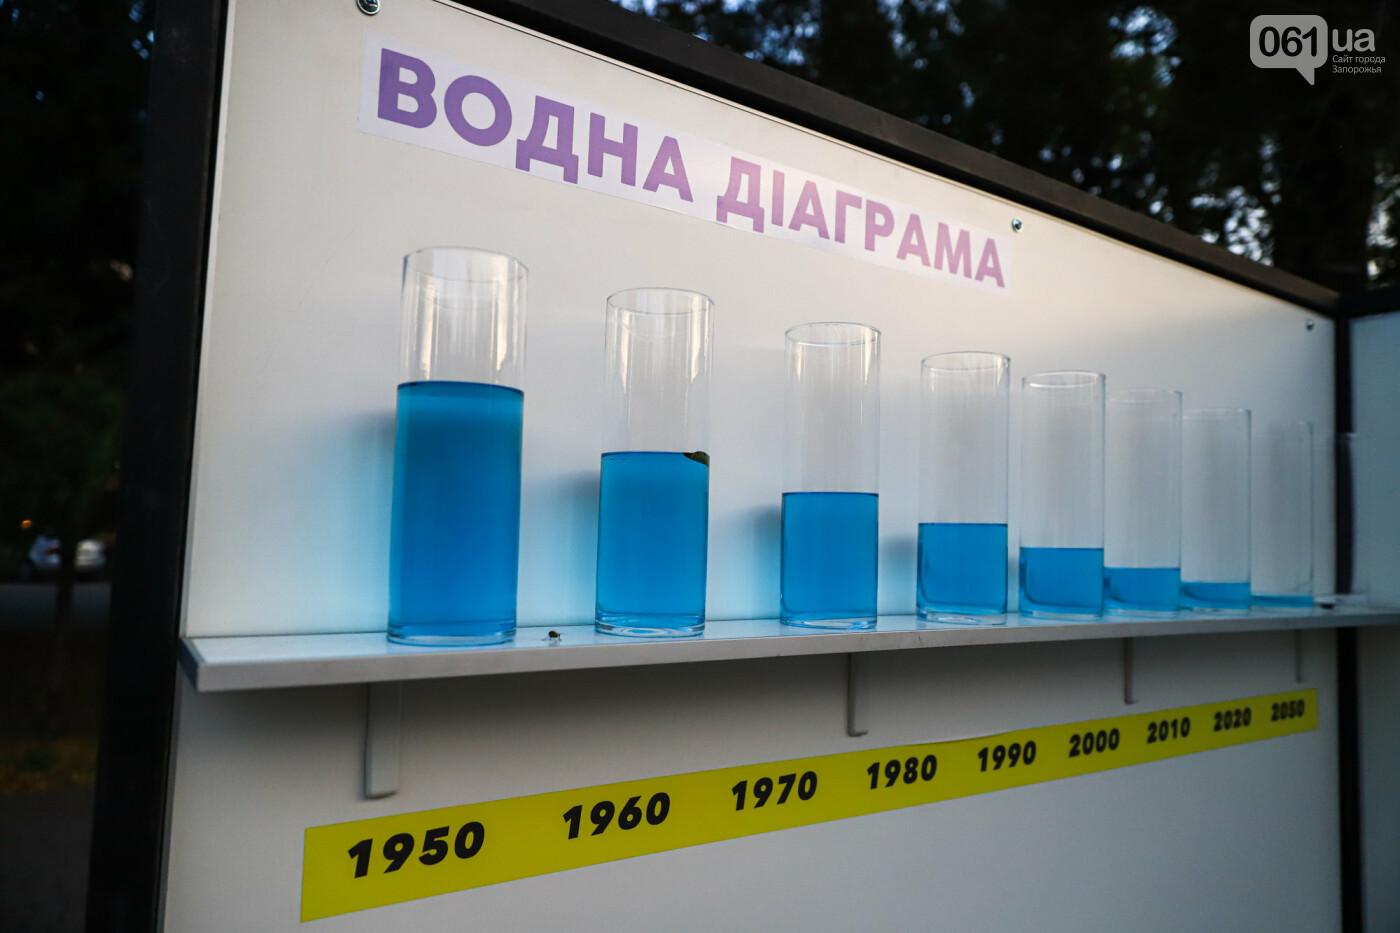 Огромная стиральная машина и комната из фольги: в центре Запорожья открылась эко-выставка, - ФОТОРЕПОРТАЖ , фото-13